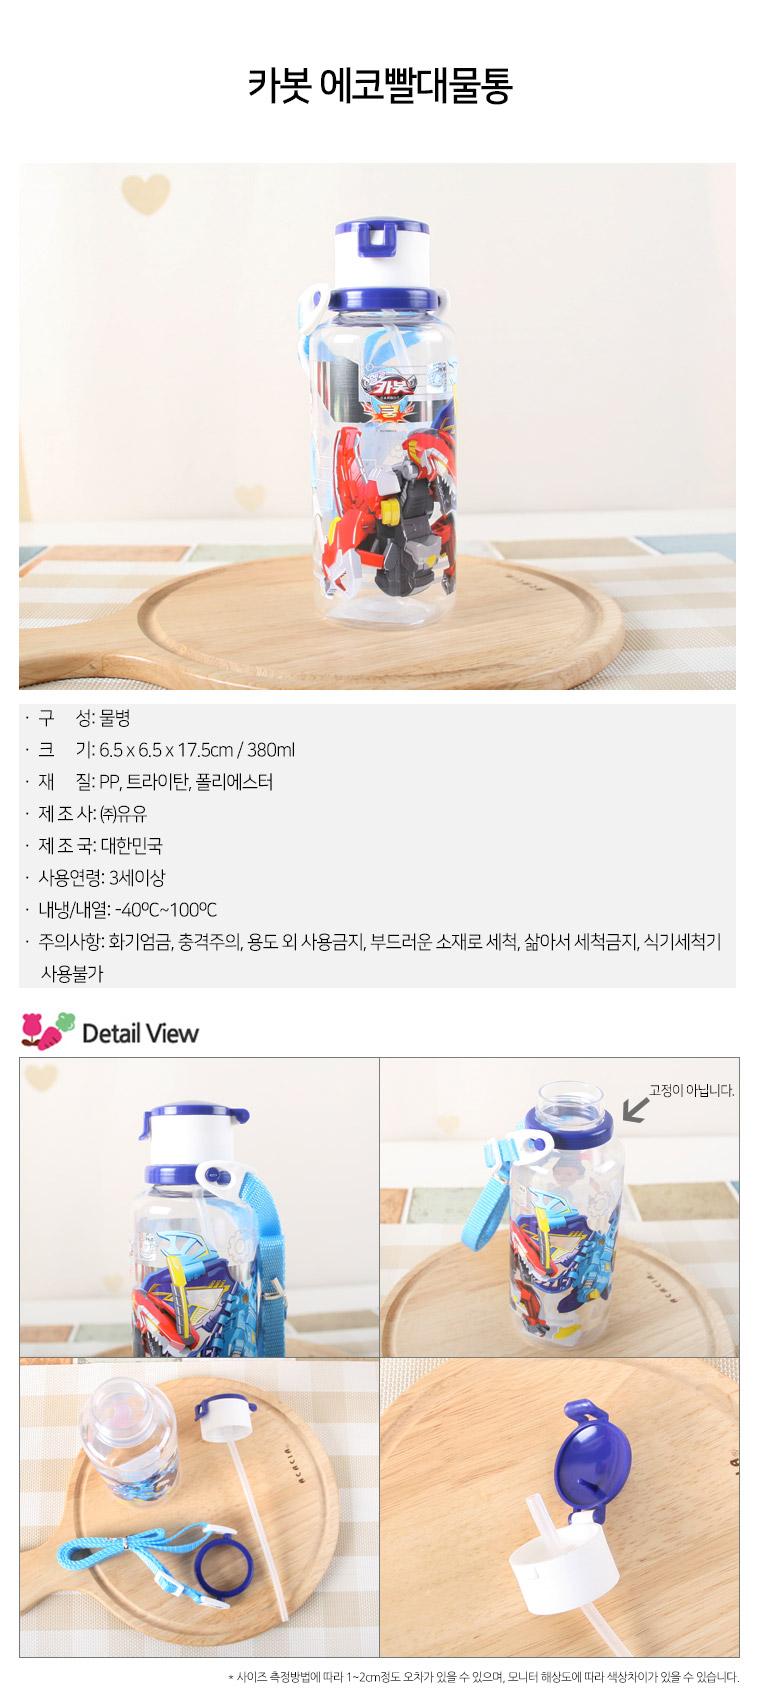 카봇 에코빨대물통 0418 - 키키월드, 7,840원, 유아식기/용품, 컵/빨대컵/물병